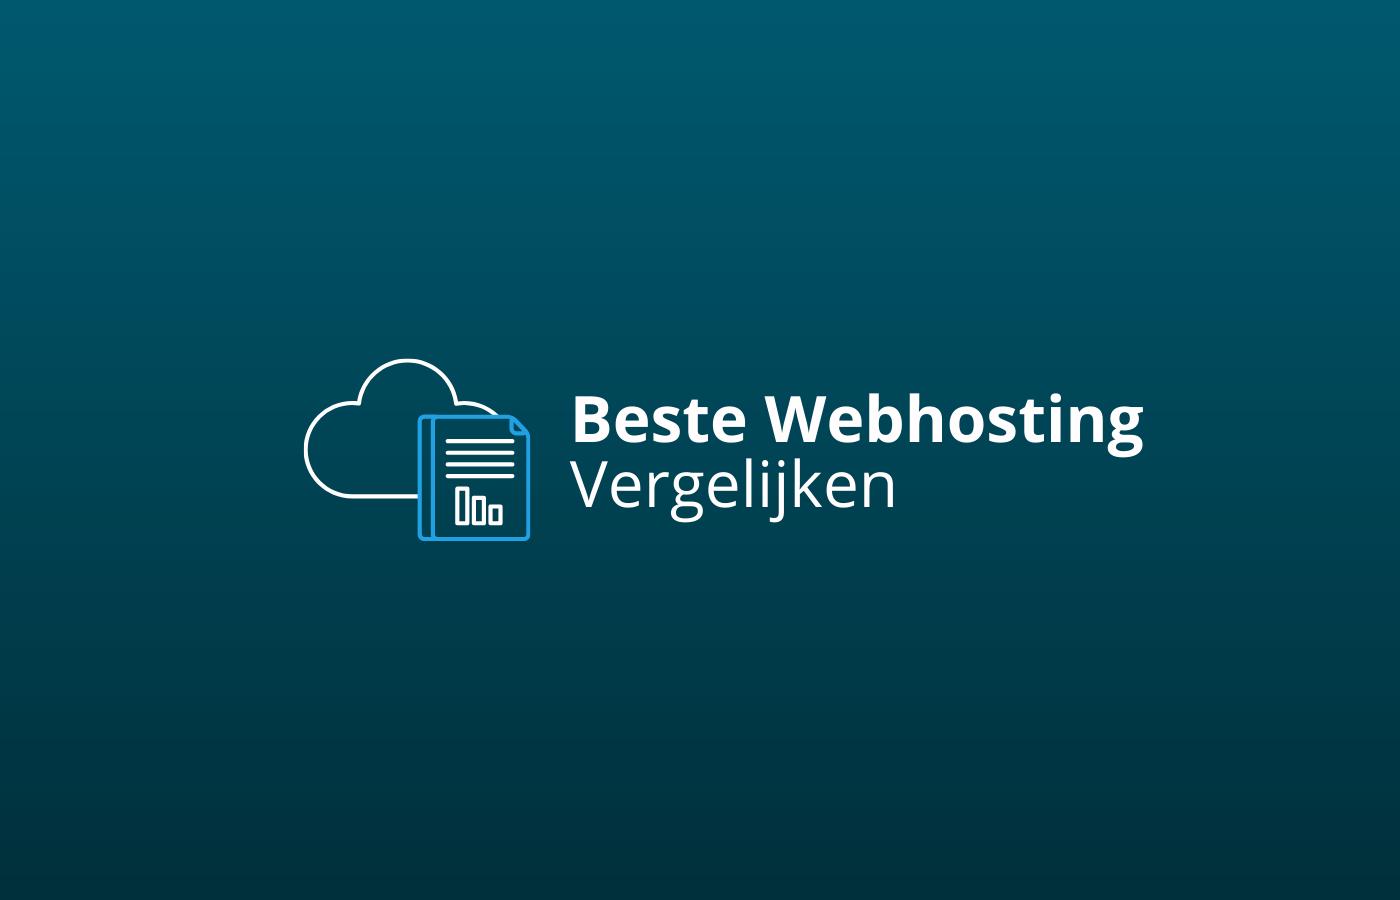 beste webhosting vergelijken nederland